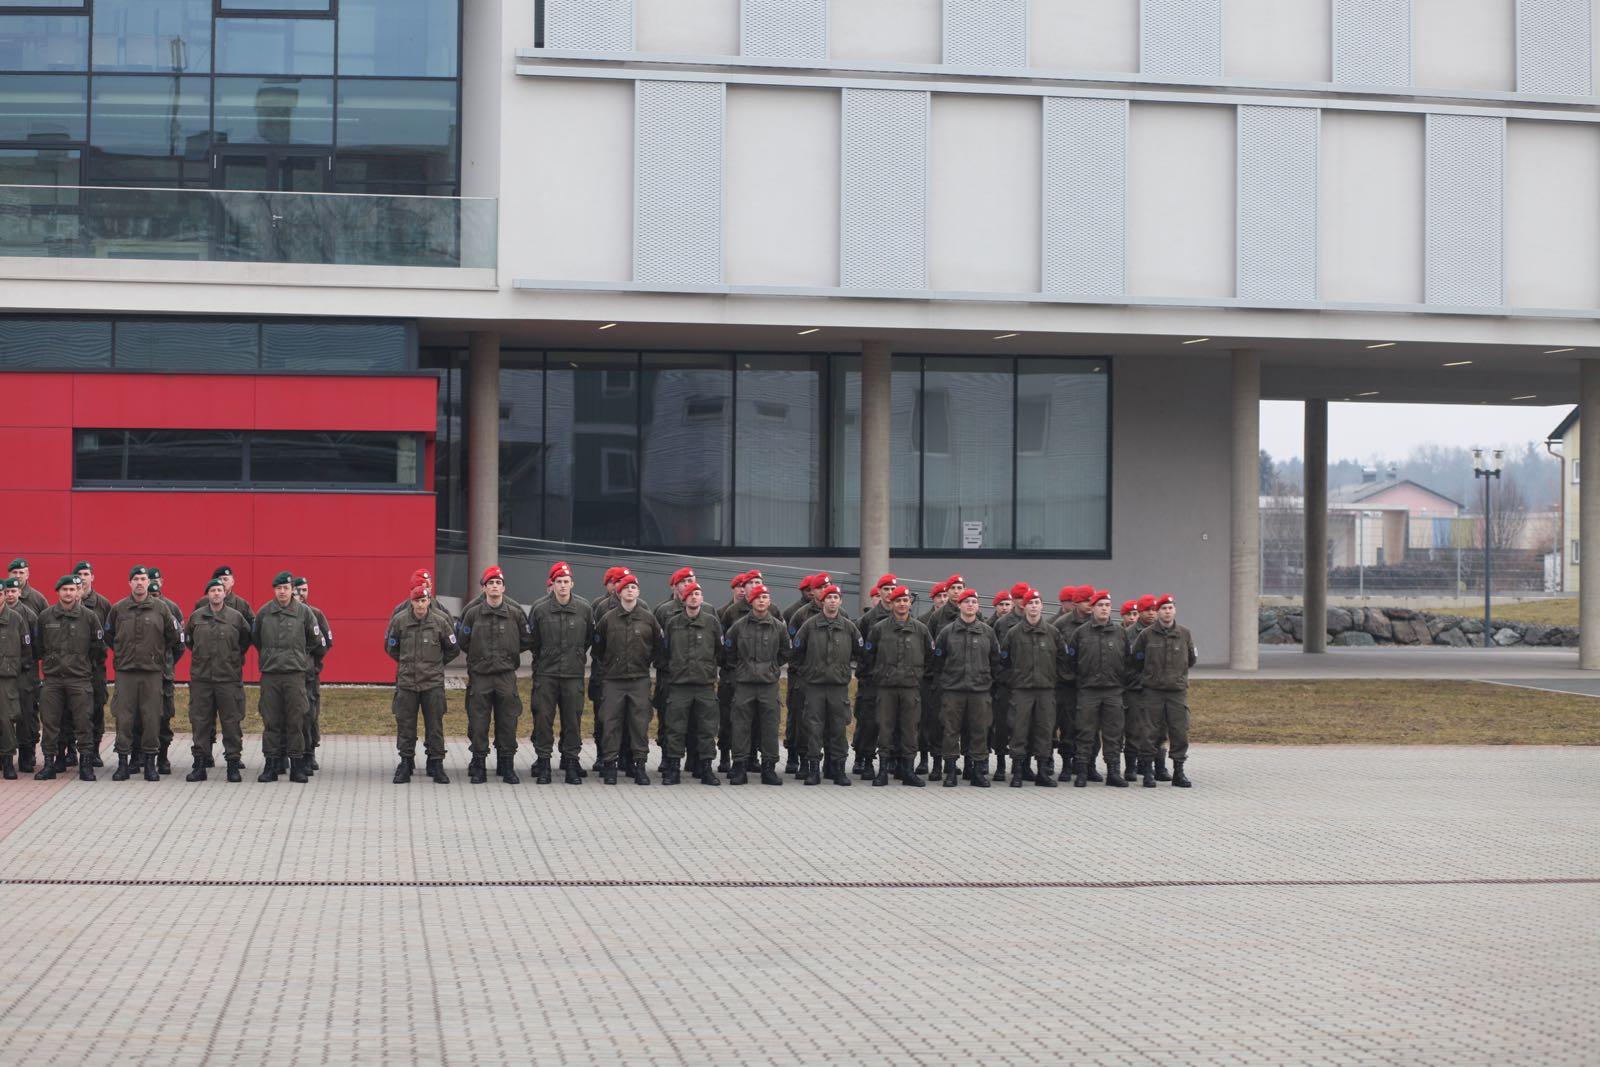 2019_02_08_5Gardekompanie_KPE_EUFOR30_Verabschiedung - 5 of 61